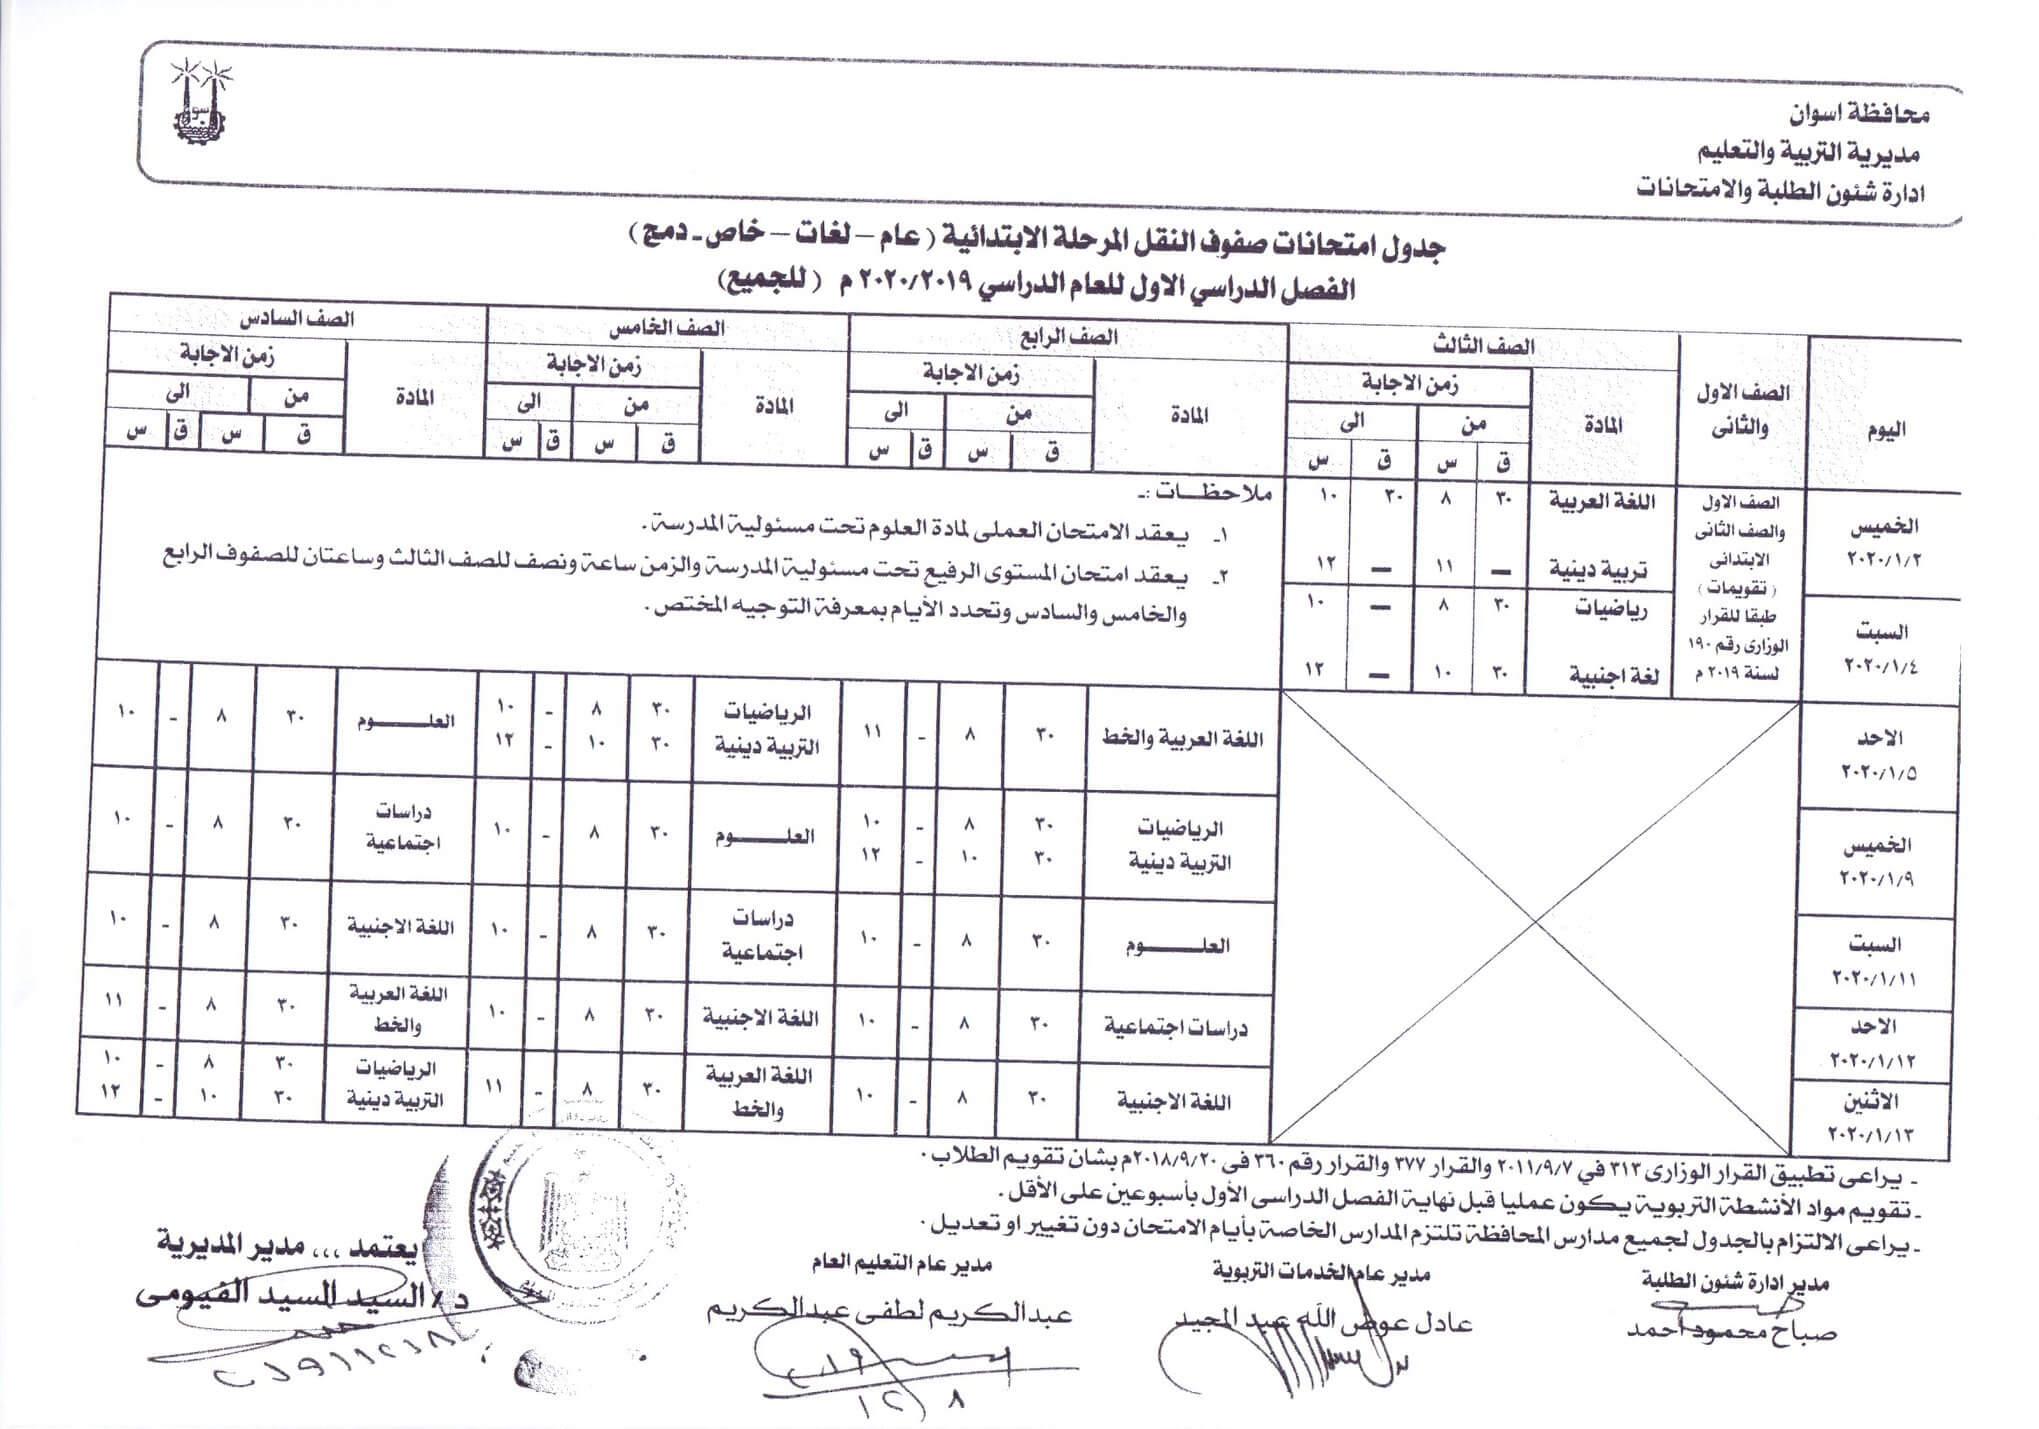 جدول امتحانات المرحلة الابتدائية نصف العام محافظة اسوان 2020